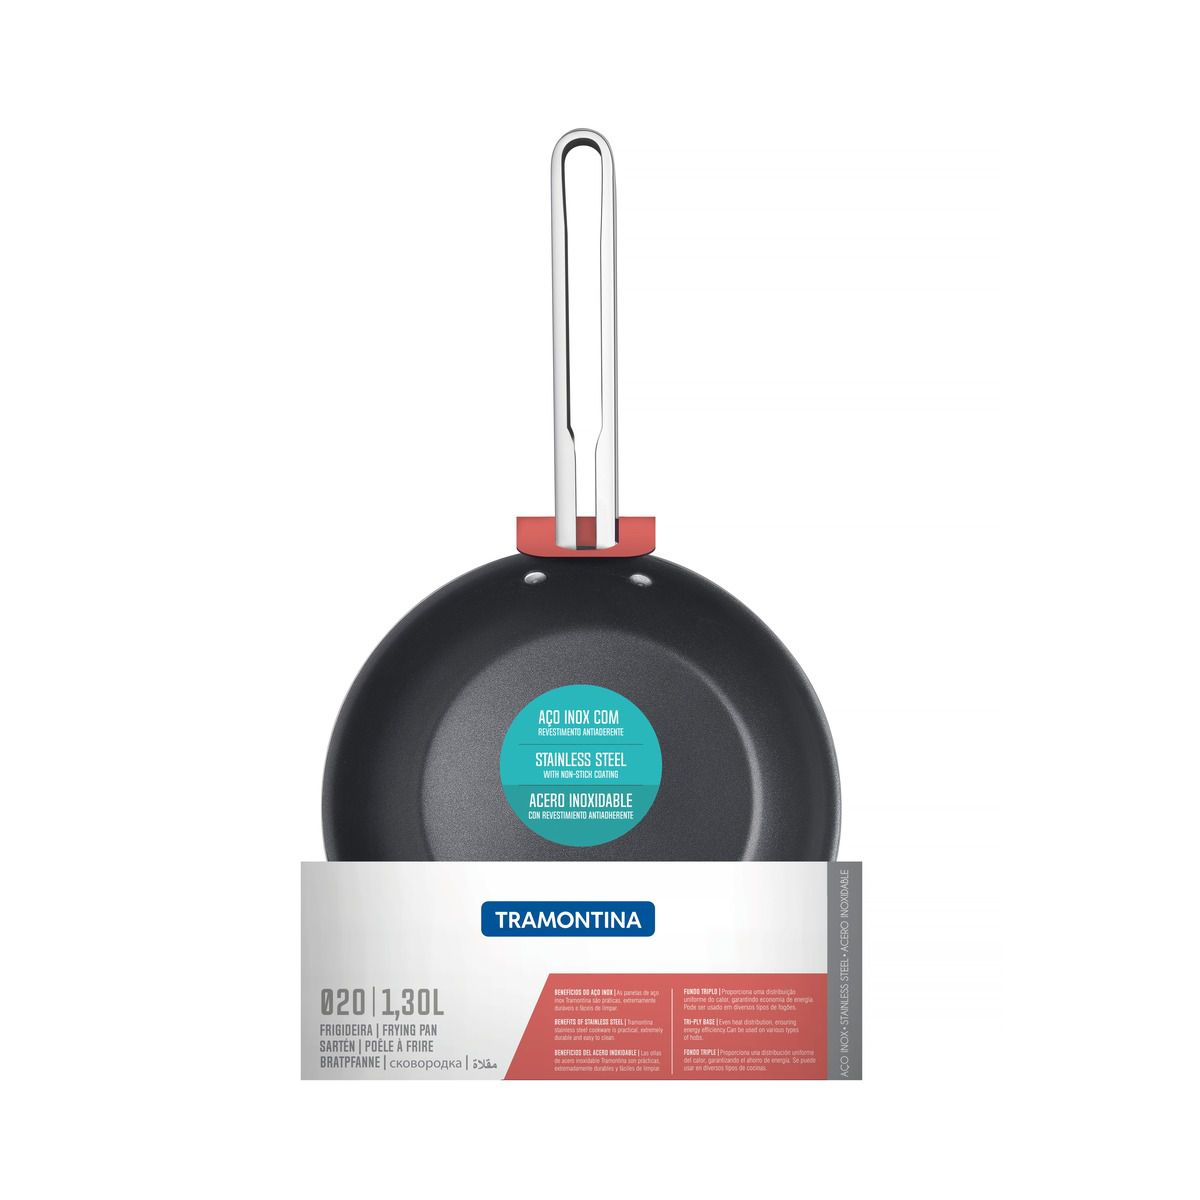 Frigideira Tramontina Ventura em Aço Inox com Revestimento Interno Antiaderente 20 cm 1,3 L 62376/207   Lojas Estrela